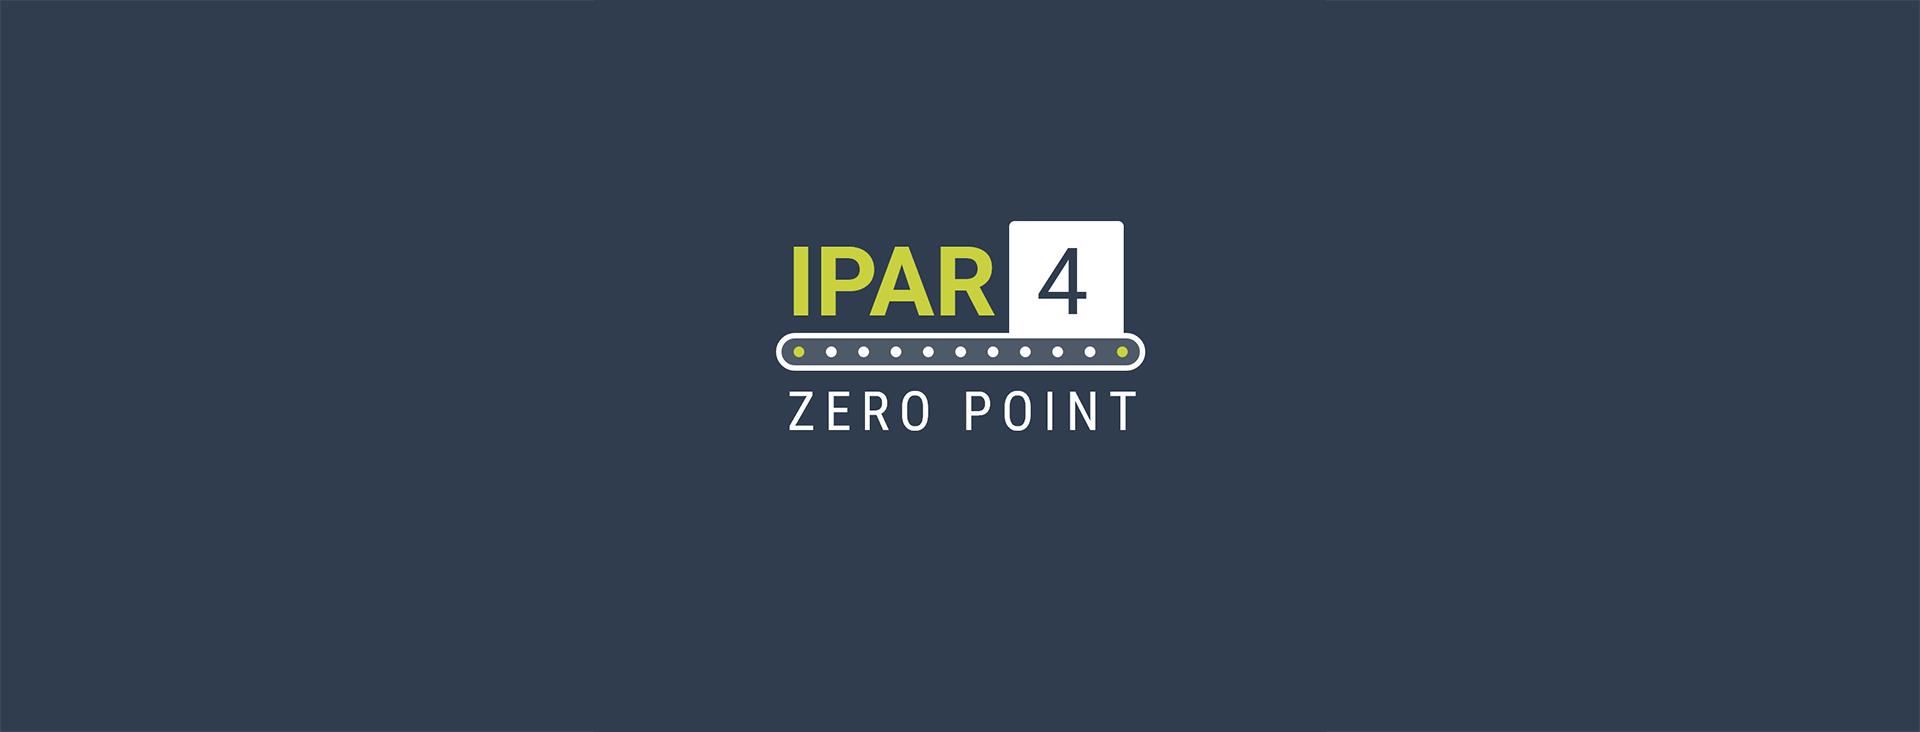 Ipar 4.0 Zero Point banner